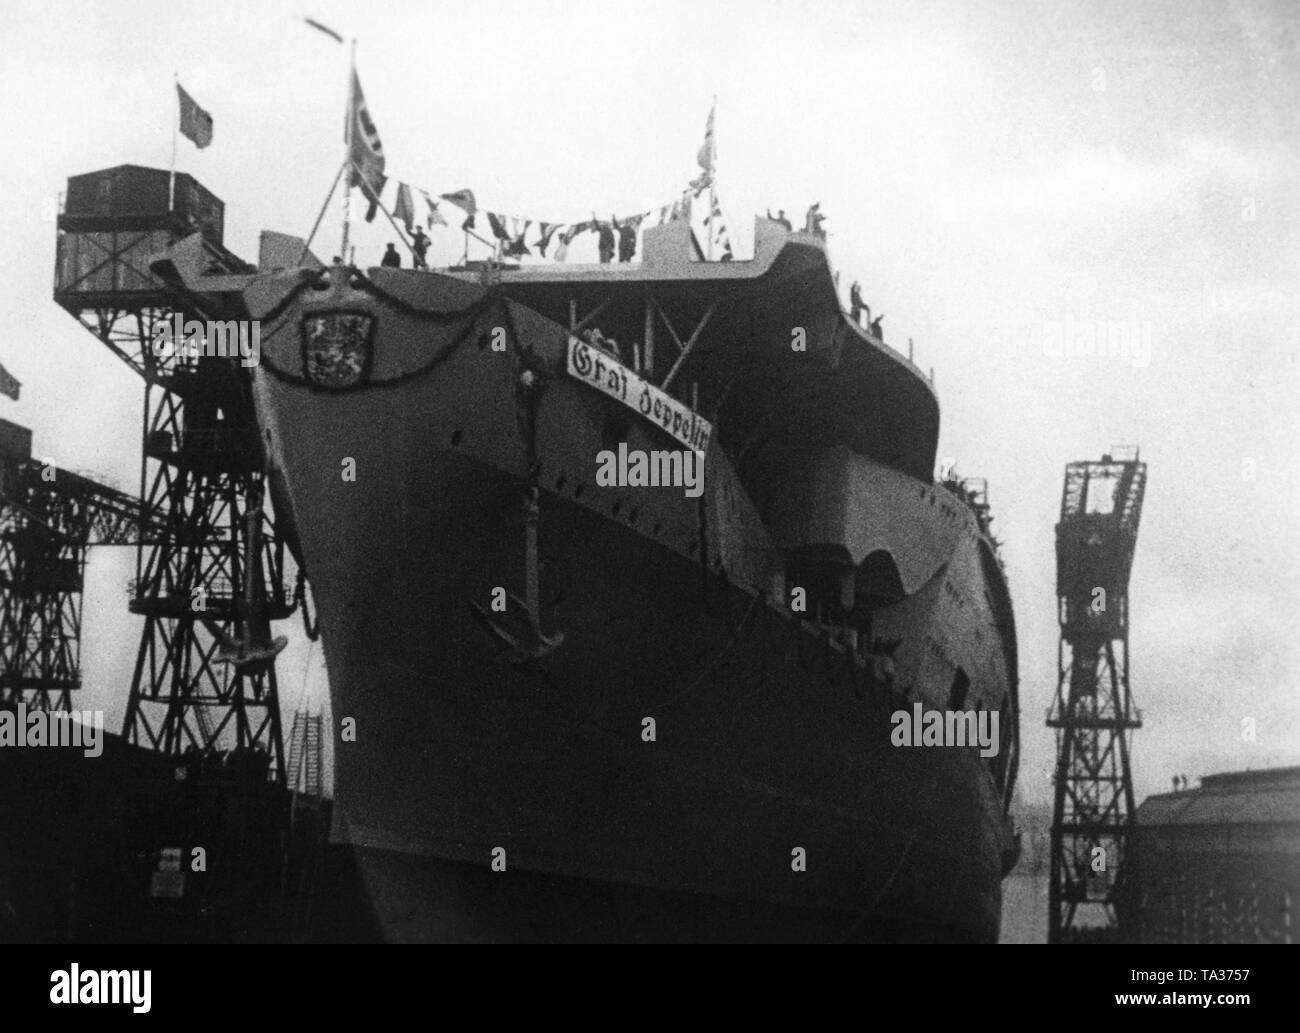 Schiffe Flugzeugtrager Graf Zeppelin Marine 1933 1939 Deutschland 1933 1945 Nationalsozialismus 01 01 1933 31 12 1939 German Navy Air Craft Carrier Graf Zeppelin 1933 1939 Germany 1933 1945 National Socialism 01 01 1933 31 12 1939